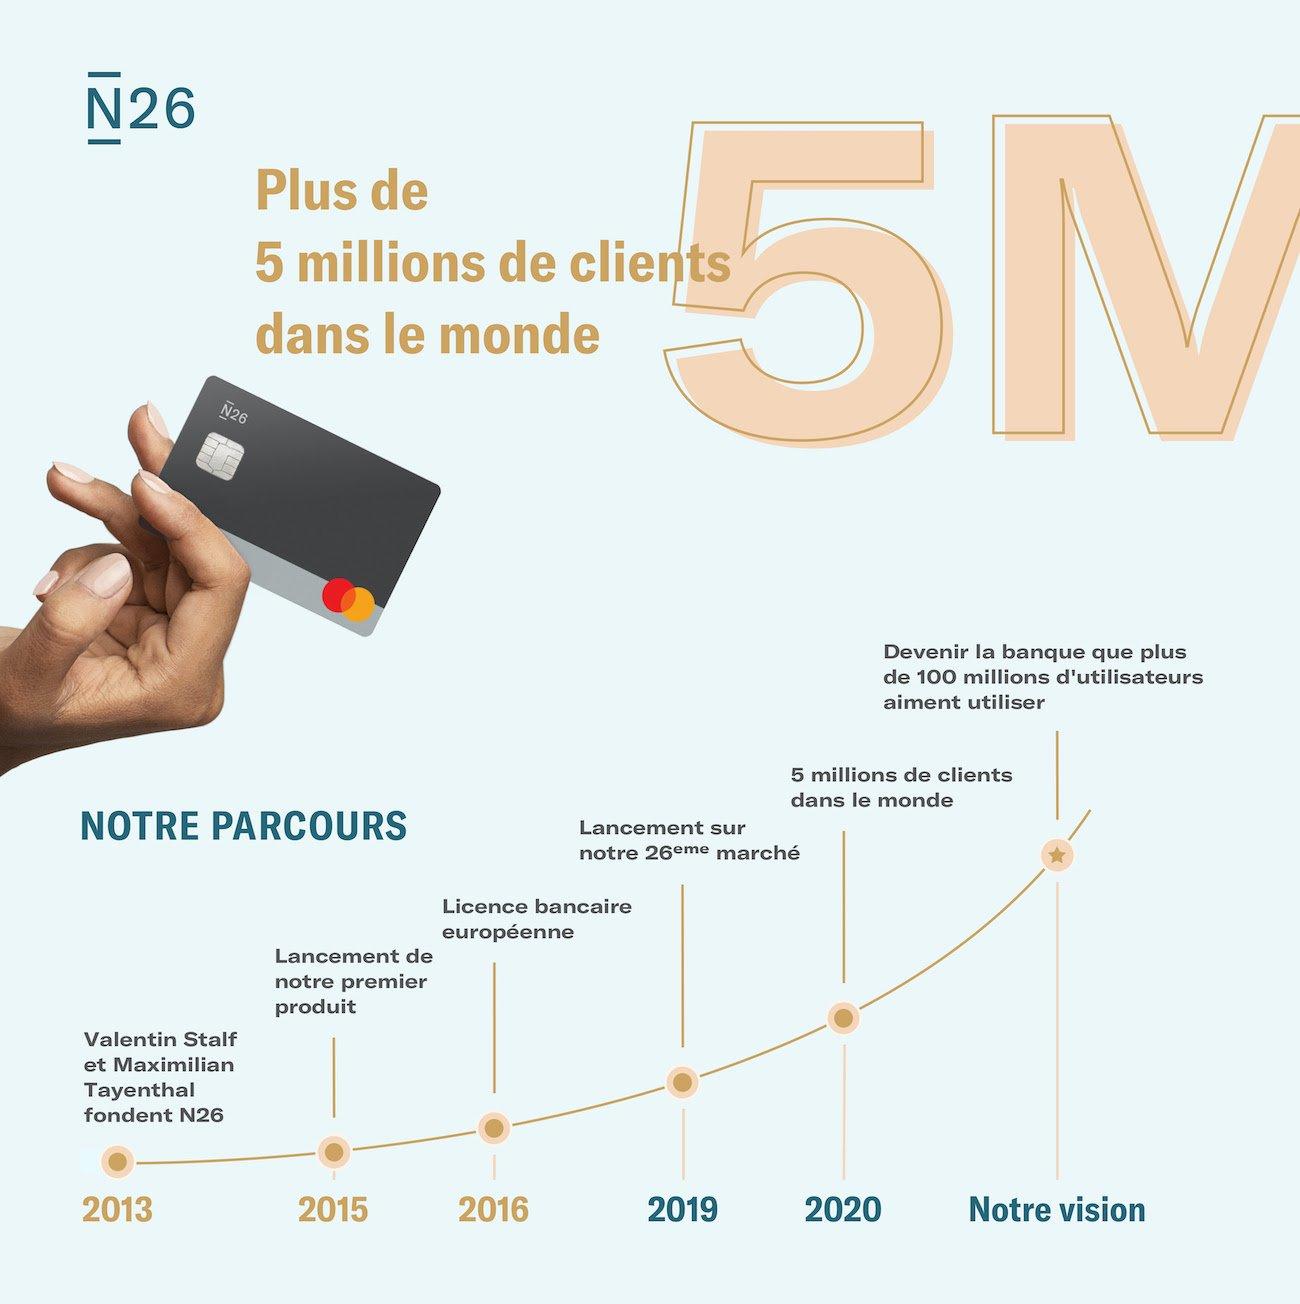 N26 5 millions clients